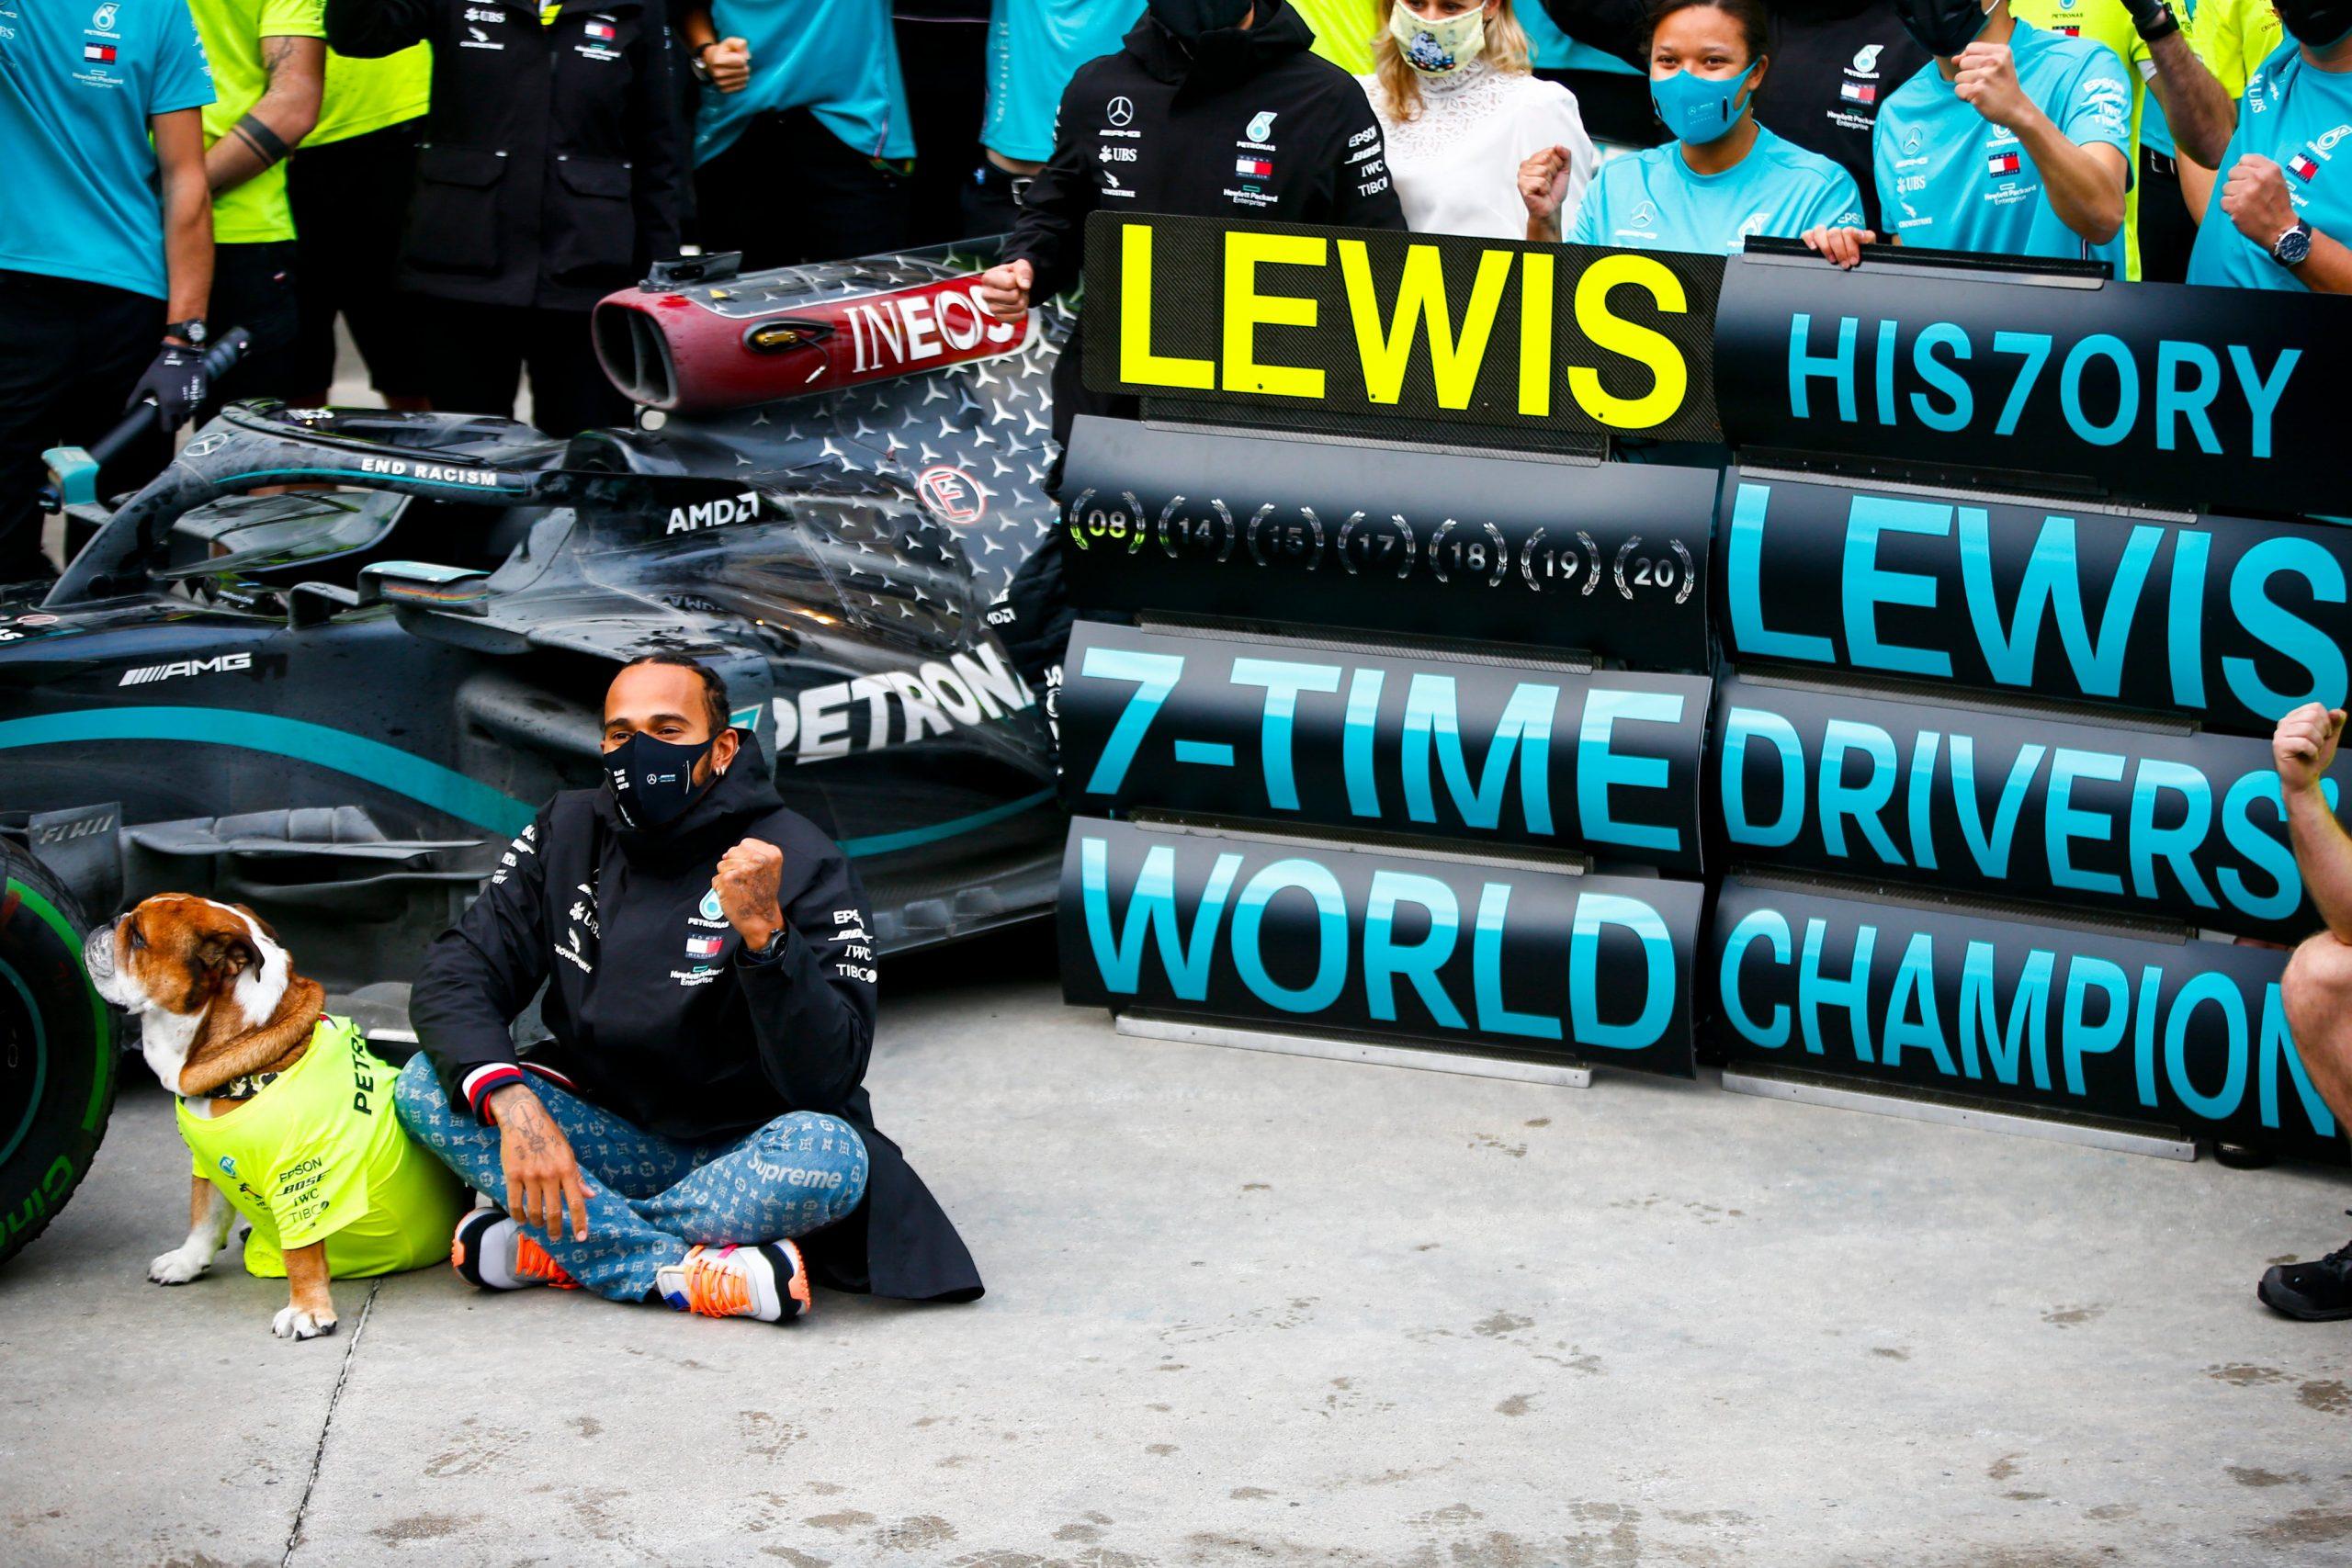 Rosberg ne sait pas qui est le meilleur parmi Schumacher, Fangio, Senna et Hamilton - L'ancien rival de Lewis Hamilton, l'Allemand Nico Rosberg, a salué l'obtention d'un septième titre mondial pour le Britannique en Formule 1